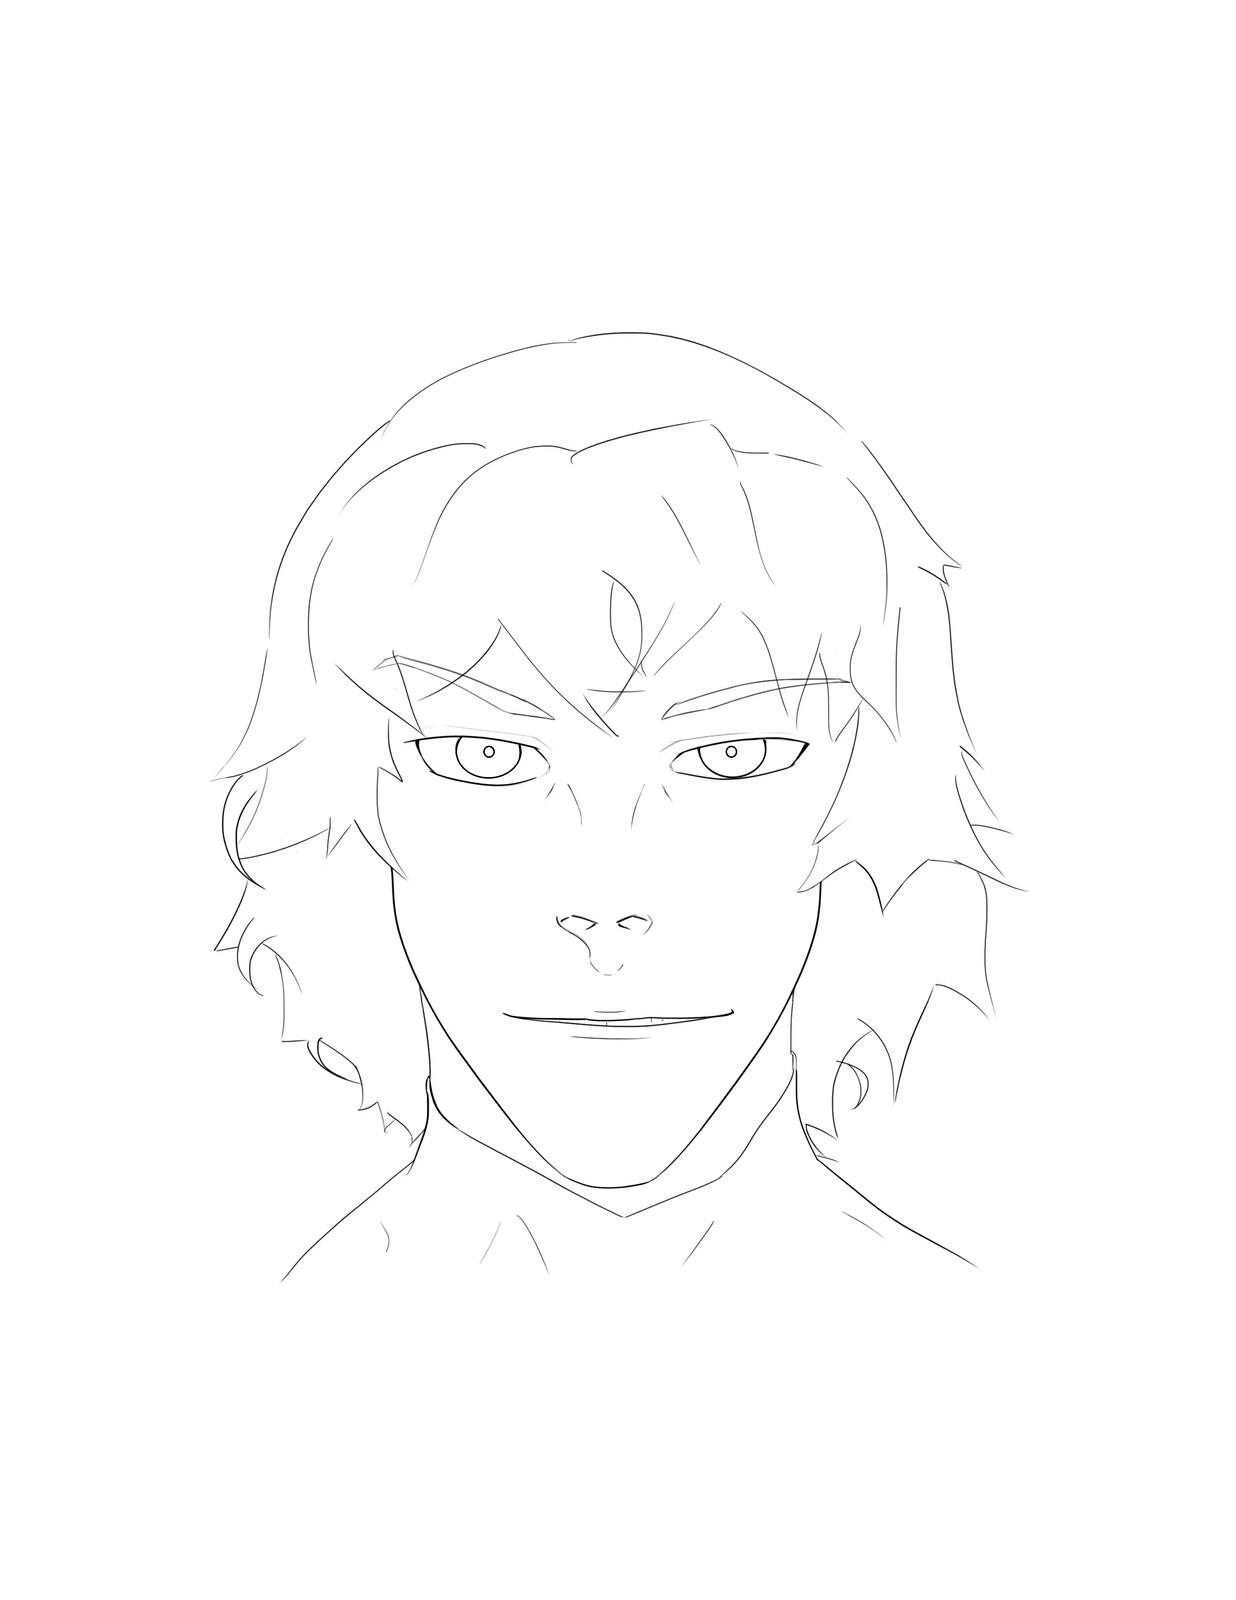 Eon's Line Art Portrait